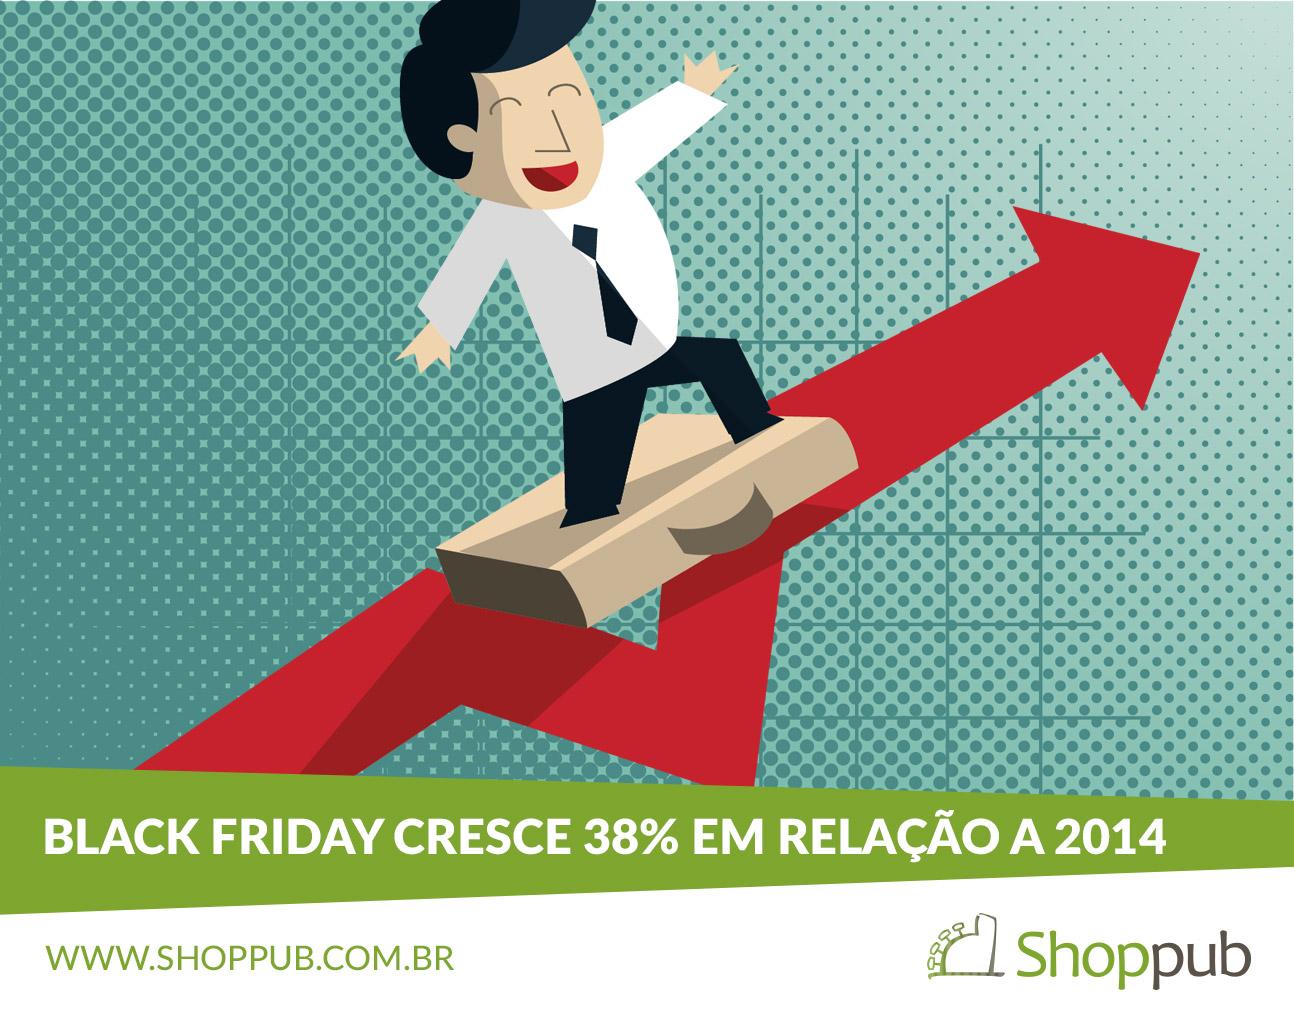 Black Friday cresce 38% em relação a 2014